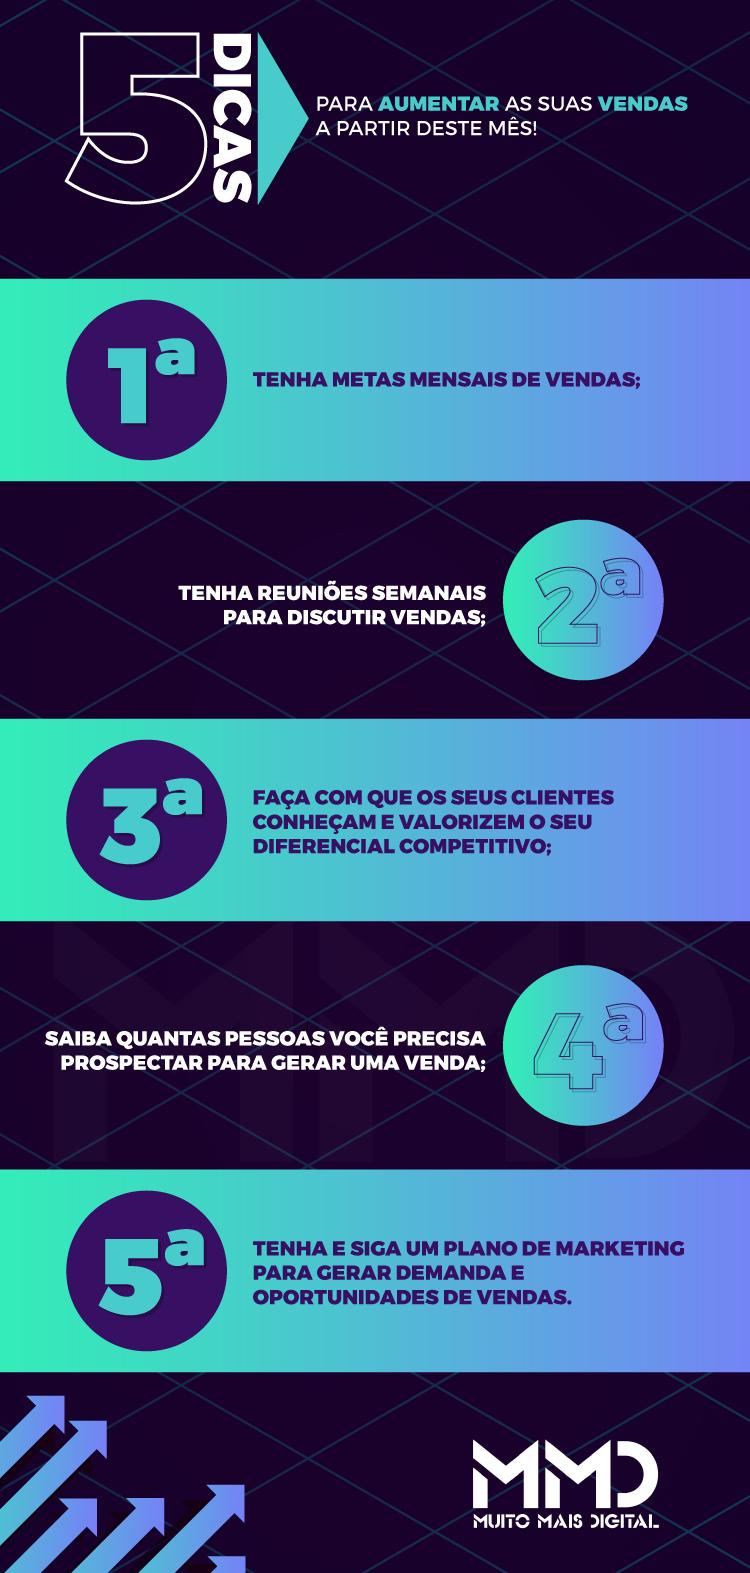 Infográfico: 5 dicas para aumentar as suas vendas a partir deste mês